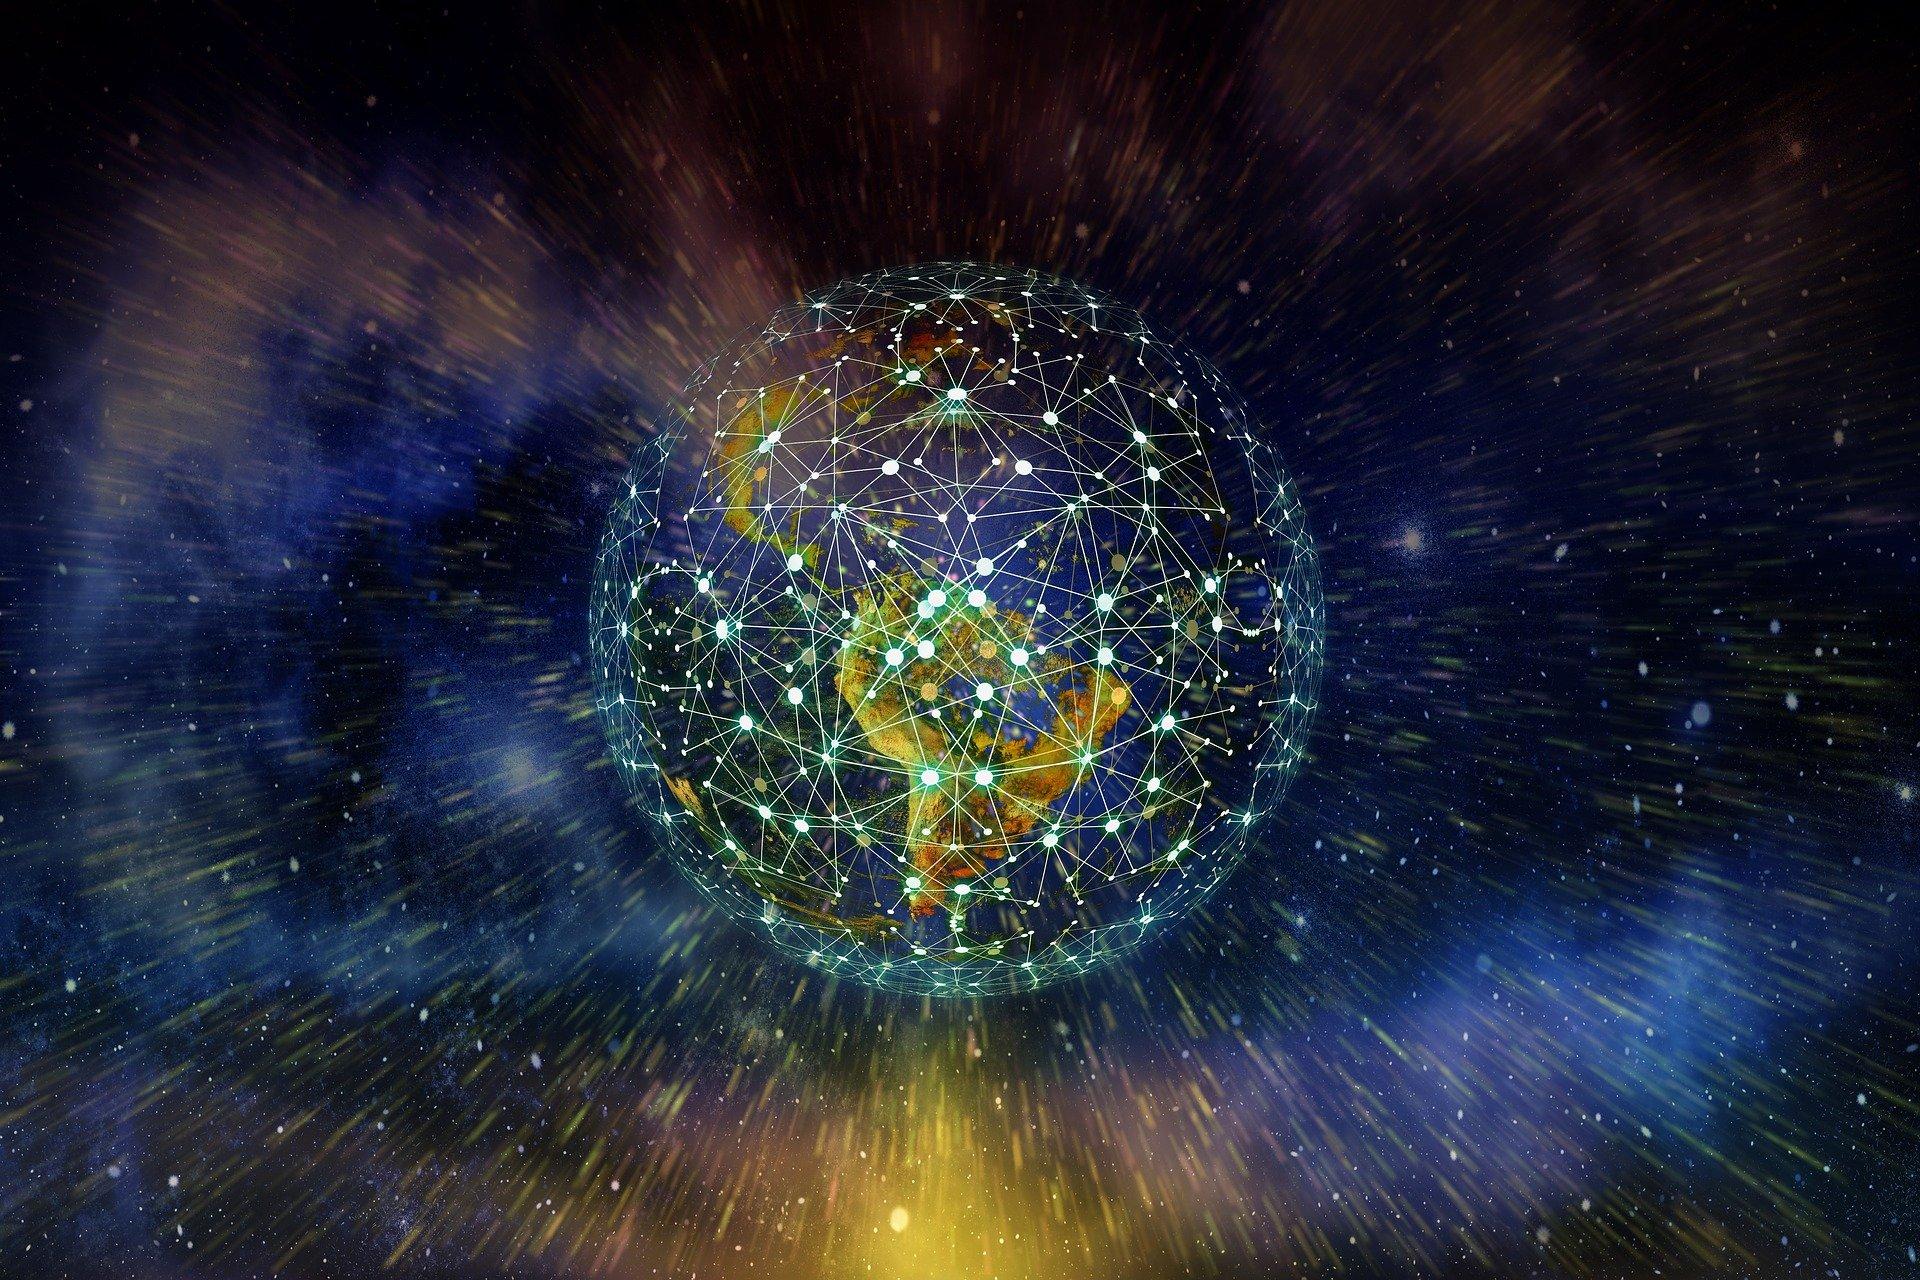 Digital globe of earth